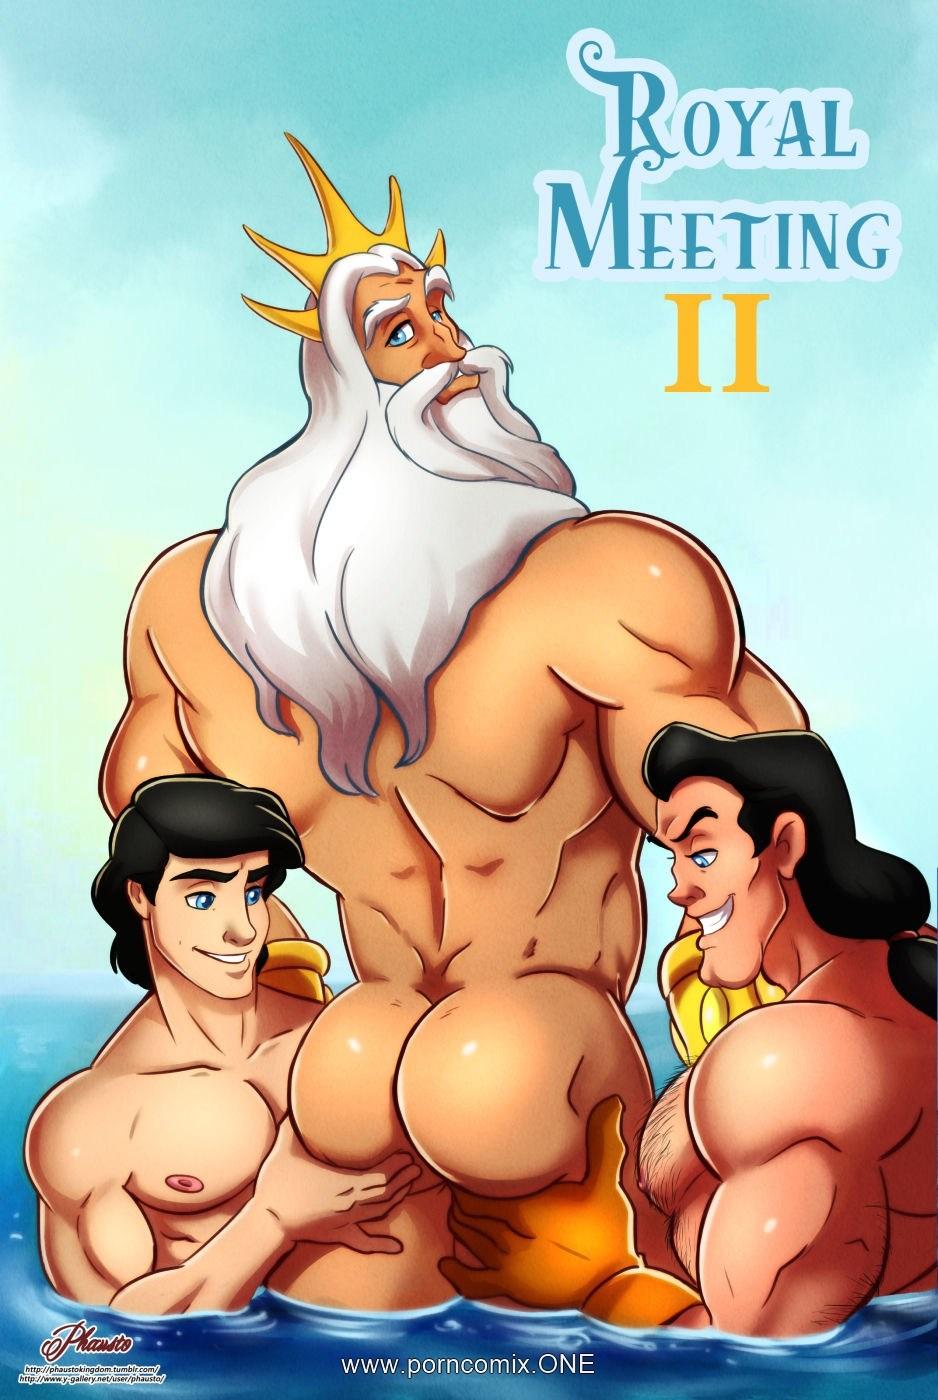 Arquivos quadrinhos gay: Desenhos porno HQ gays